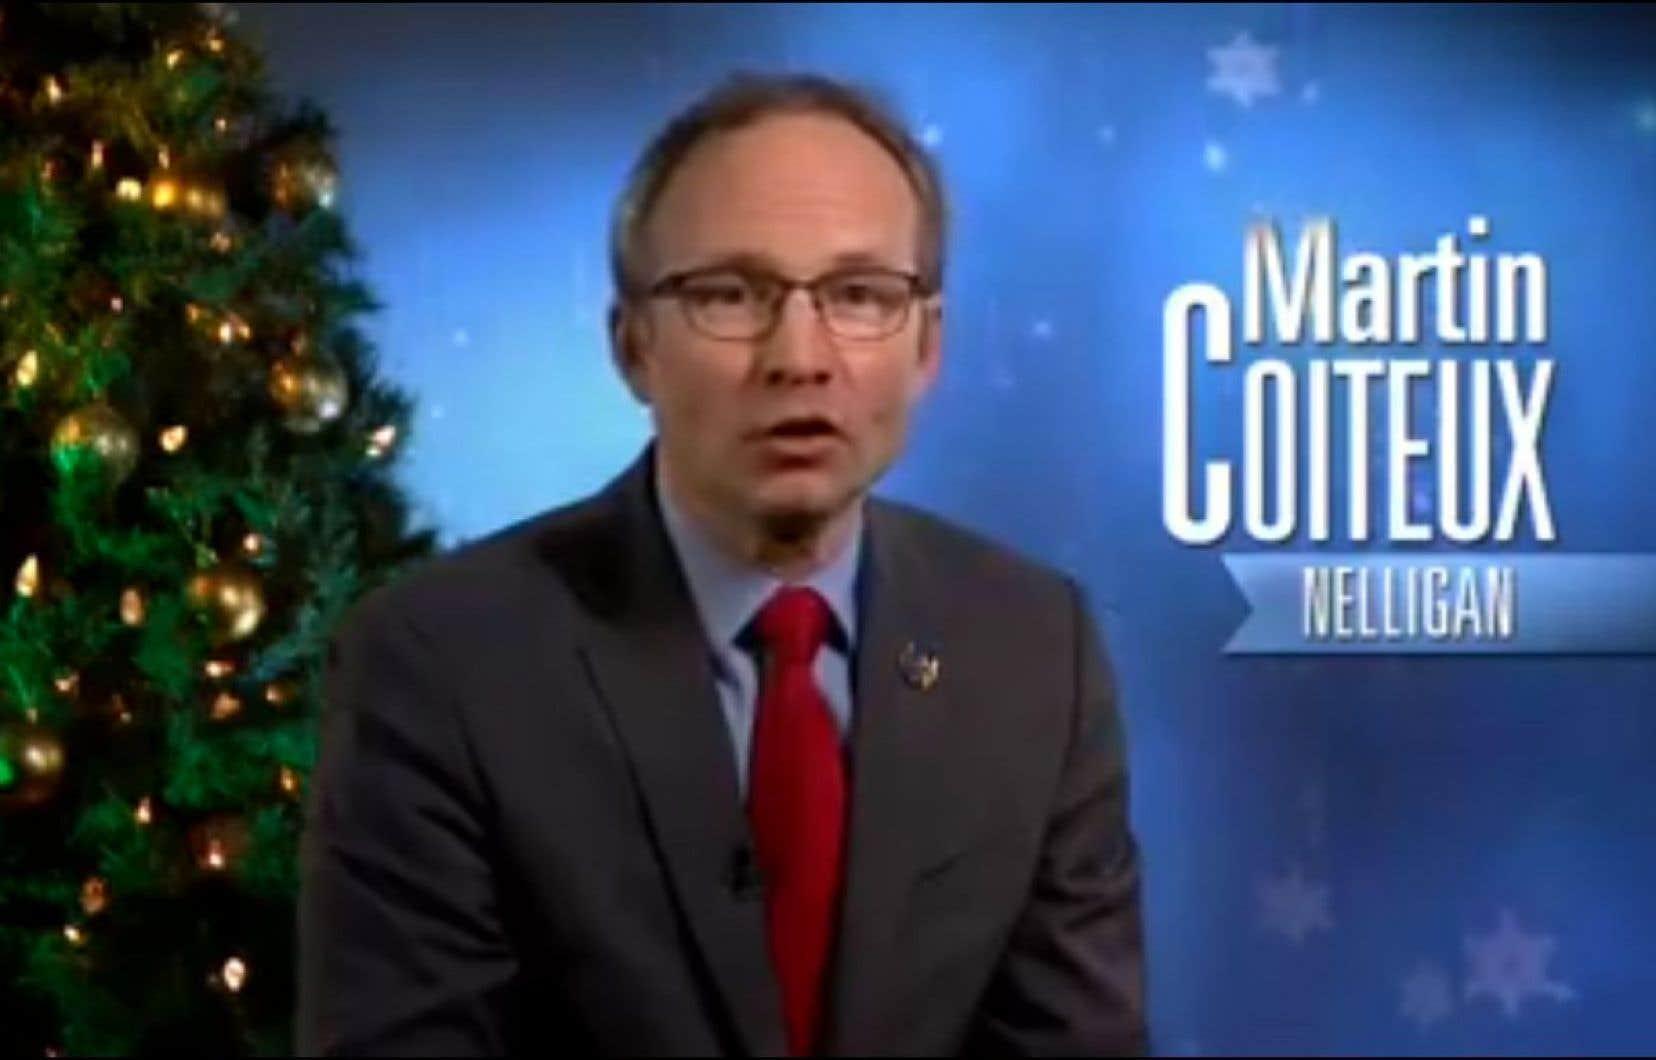 Le président du conseil du Trésor, Martin Coiteux, a transmis des voeux qui ont soulevé de vives réactions.